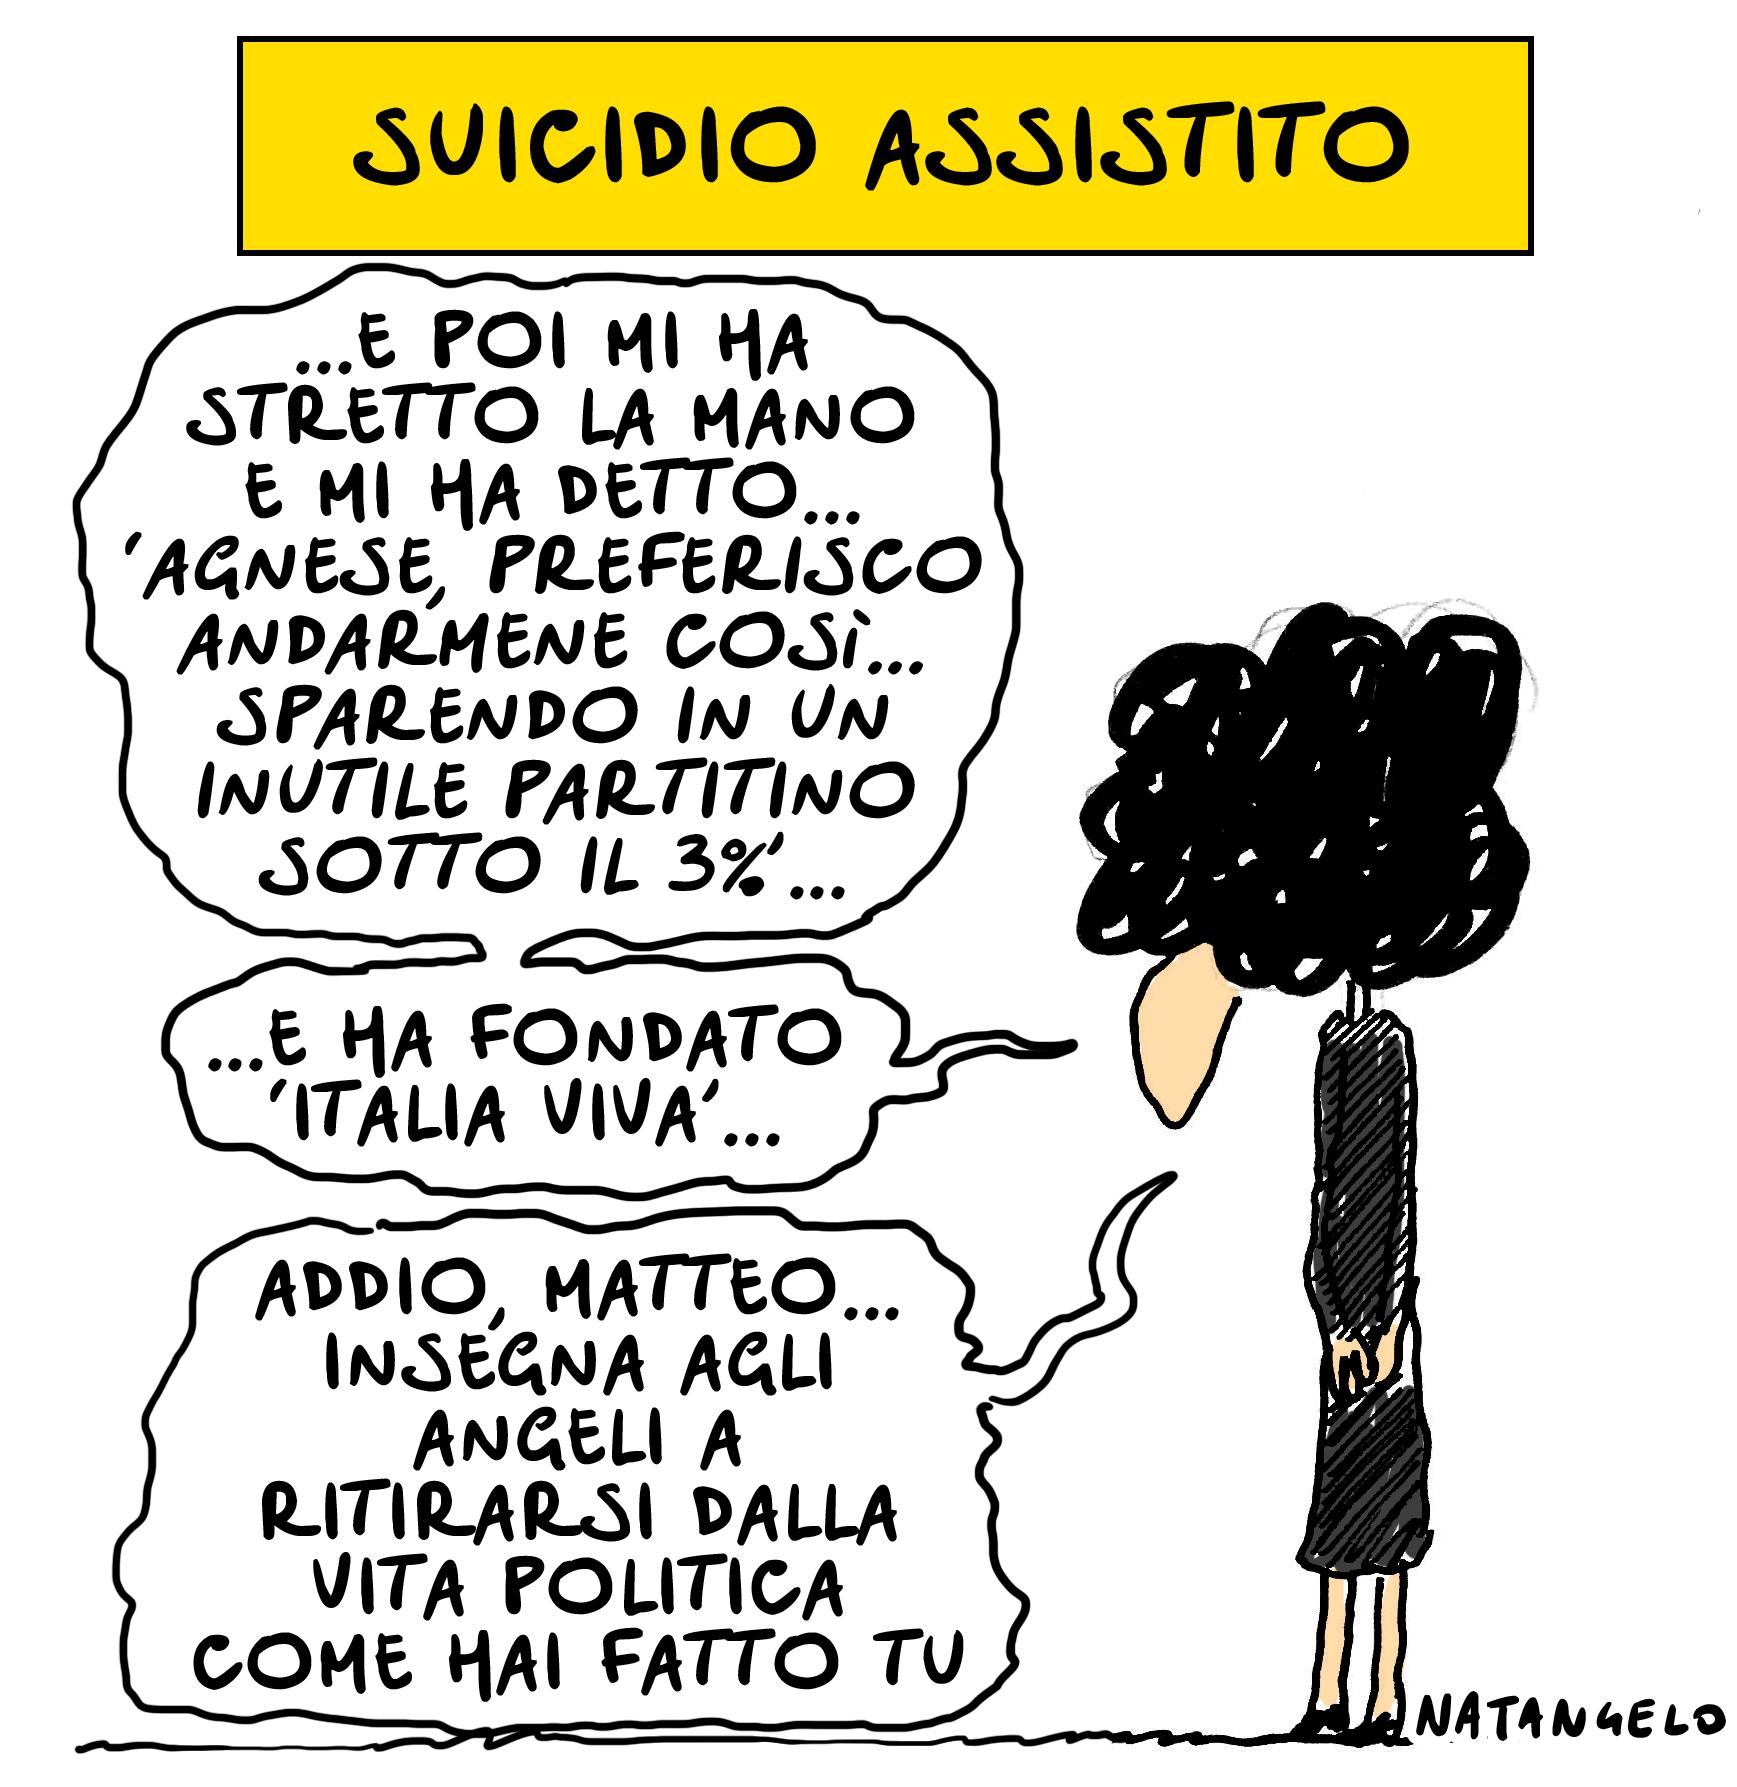 Suicidi assistiti